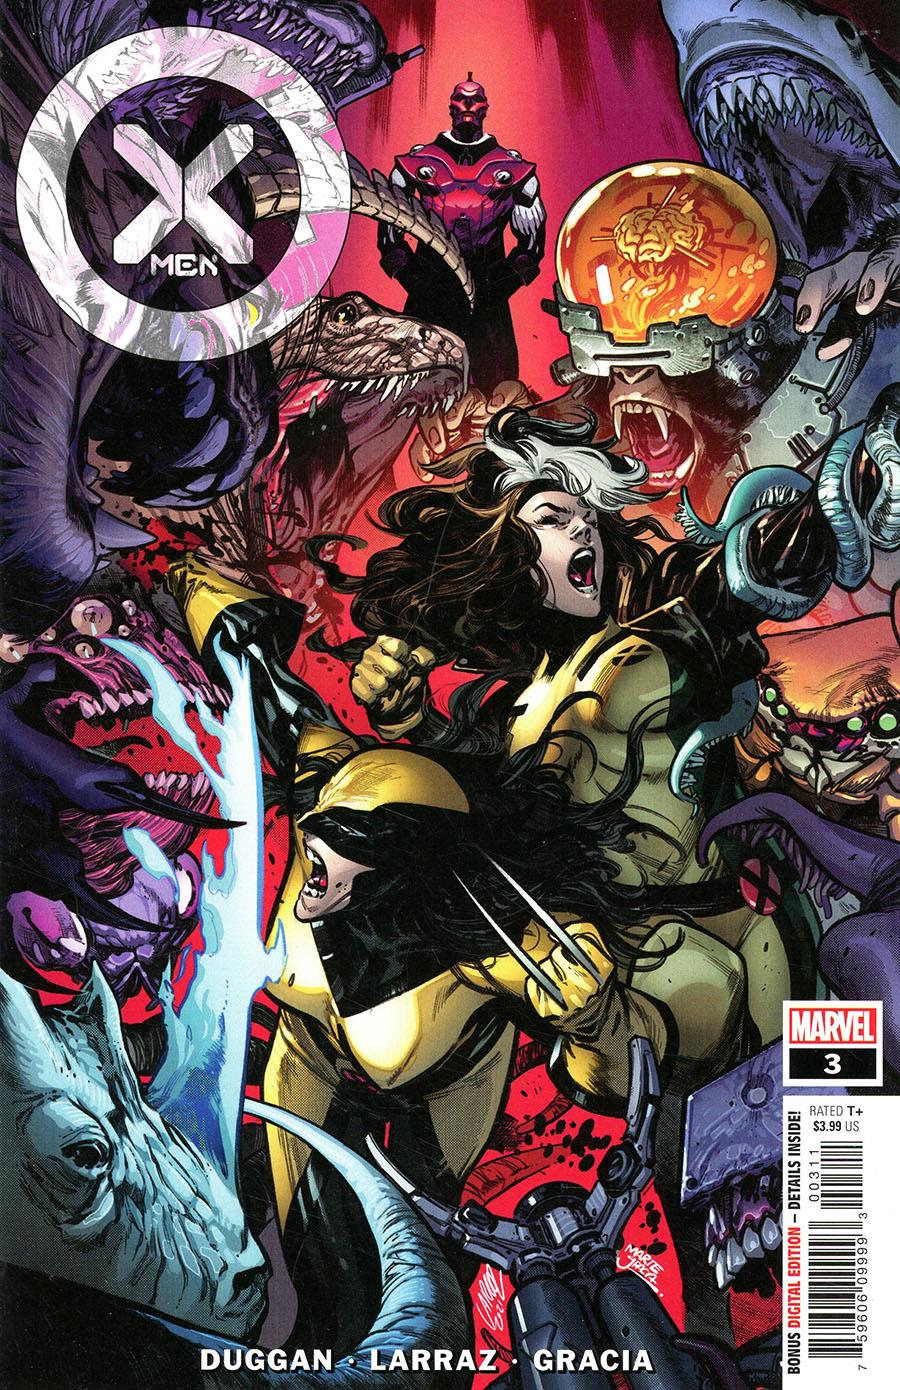 X-Men Vol 6 #3 Cover A Regular Pepe Larraz Cover